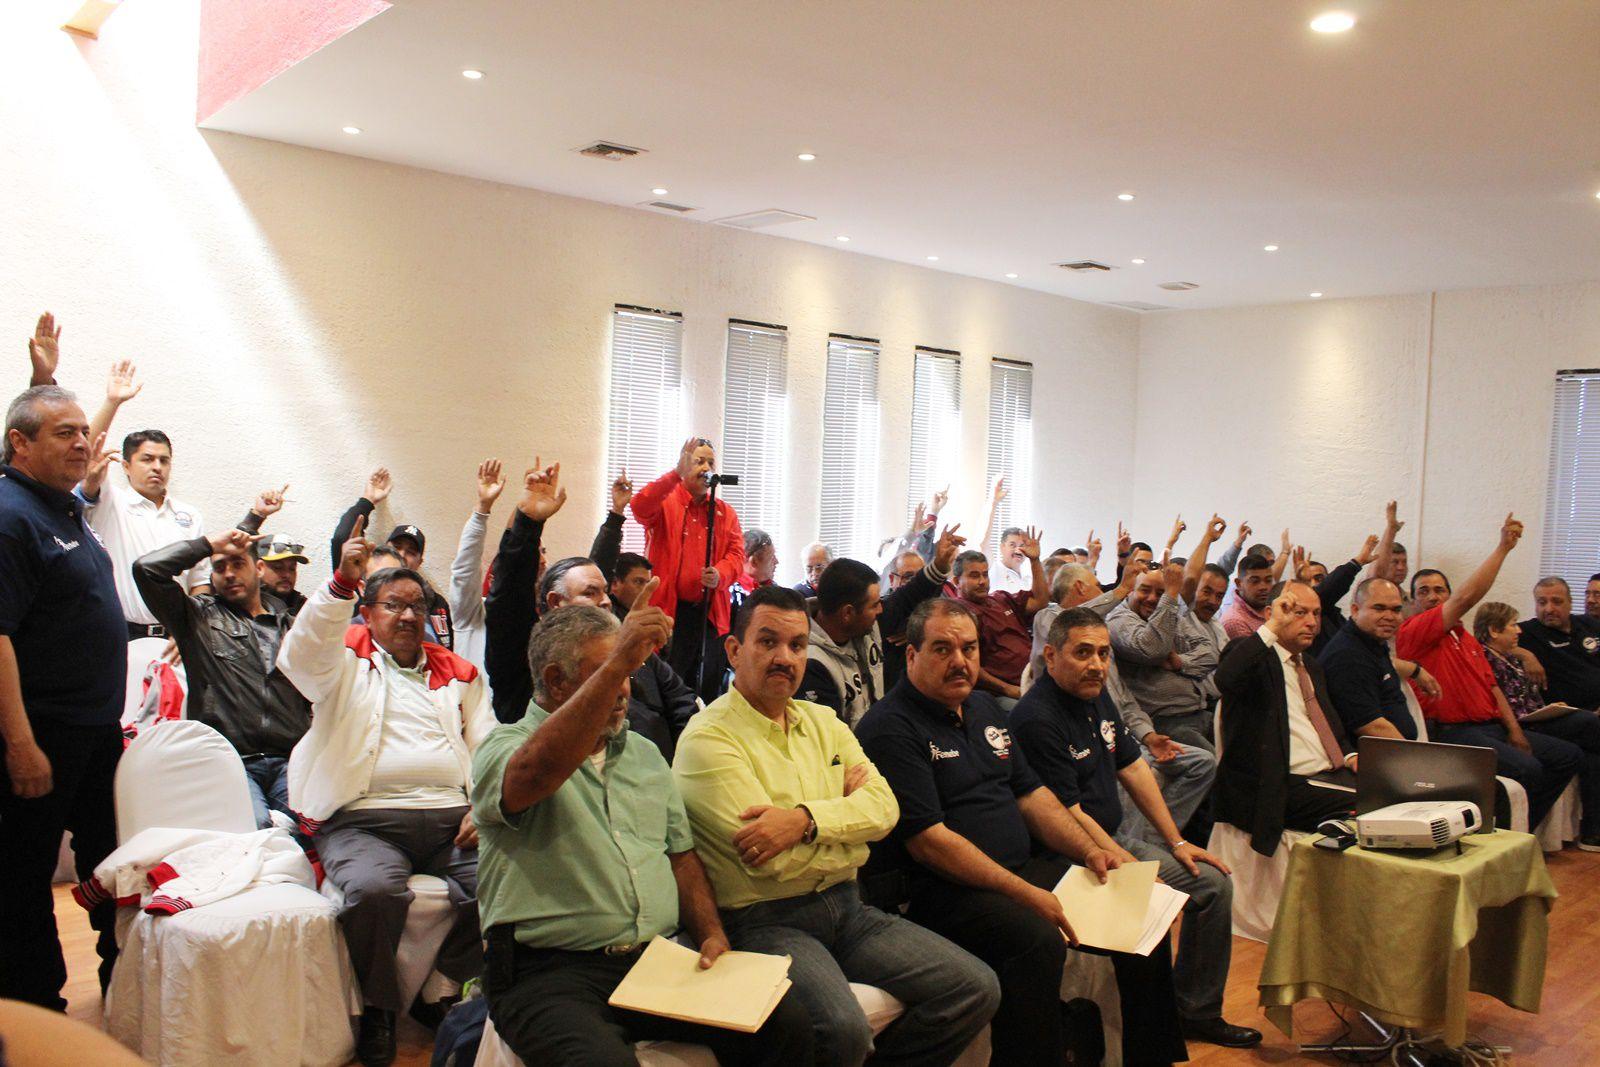 eleccion nuevo presidente asociacion estatal beisbol chihuahua 2017 francisco javier fierro